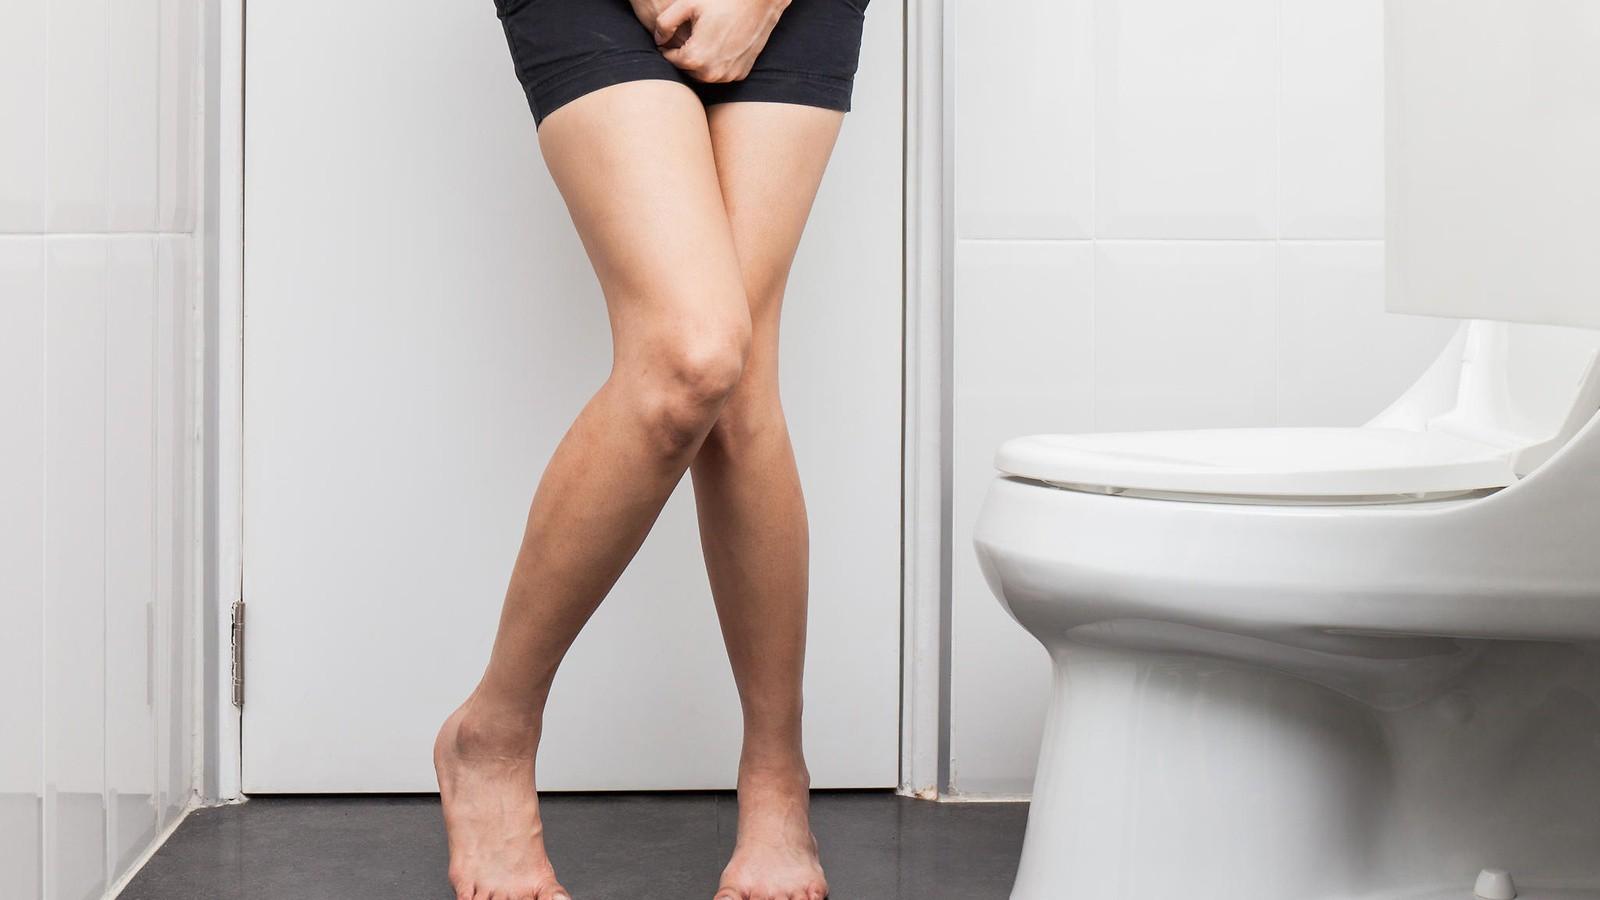 Đây là những thủ phạm hàng đầu gây nguy hại tới sức khỏe vùng kín mà con gái lại không mấy quan tâm - Ảnh 5